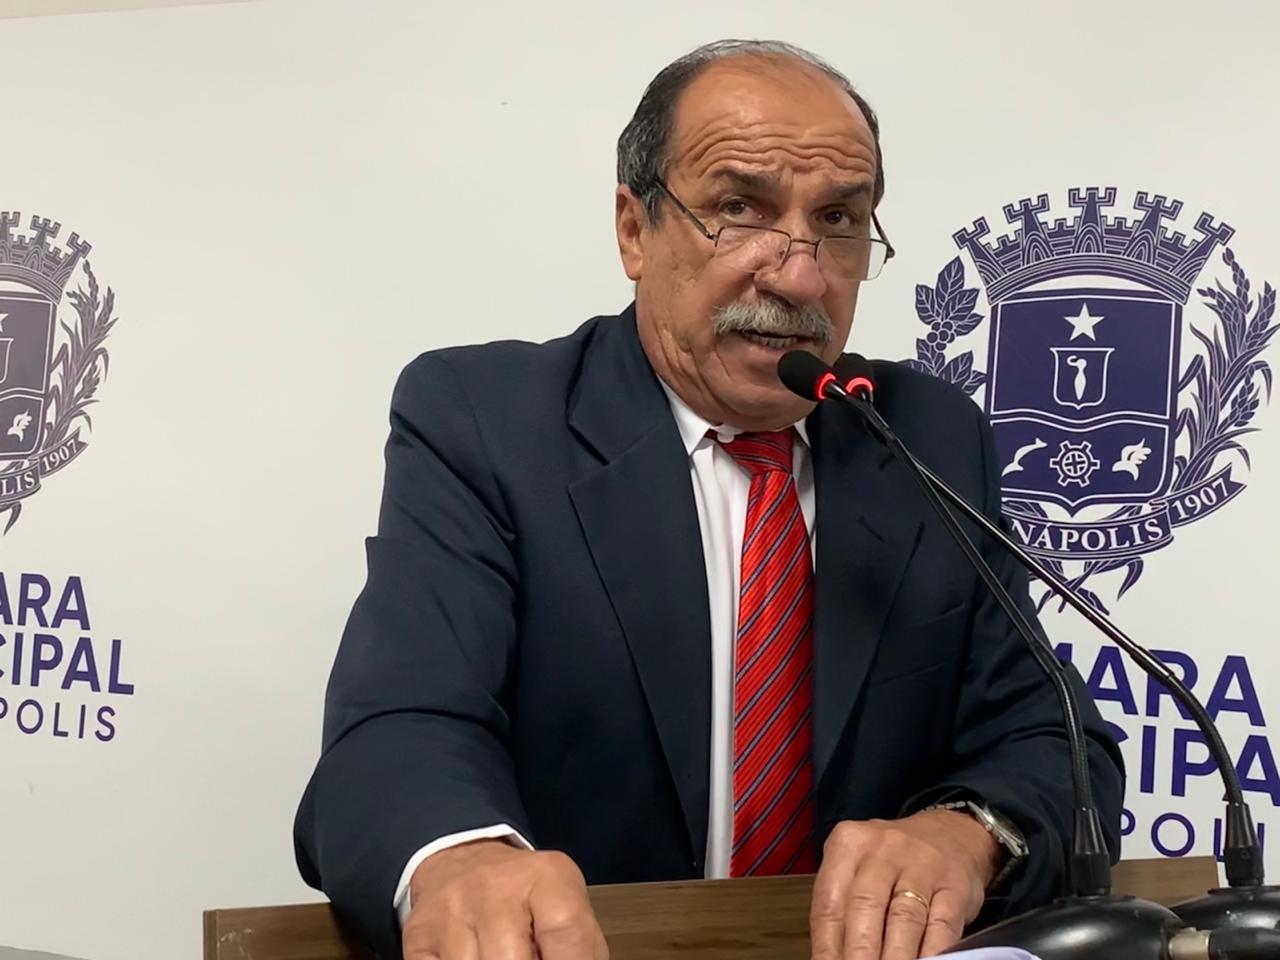 Aprovado em plenário projeto de Alfredo Landim que institui Dia Municipal da Folia de Reis